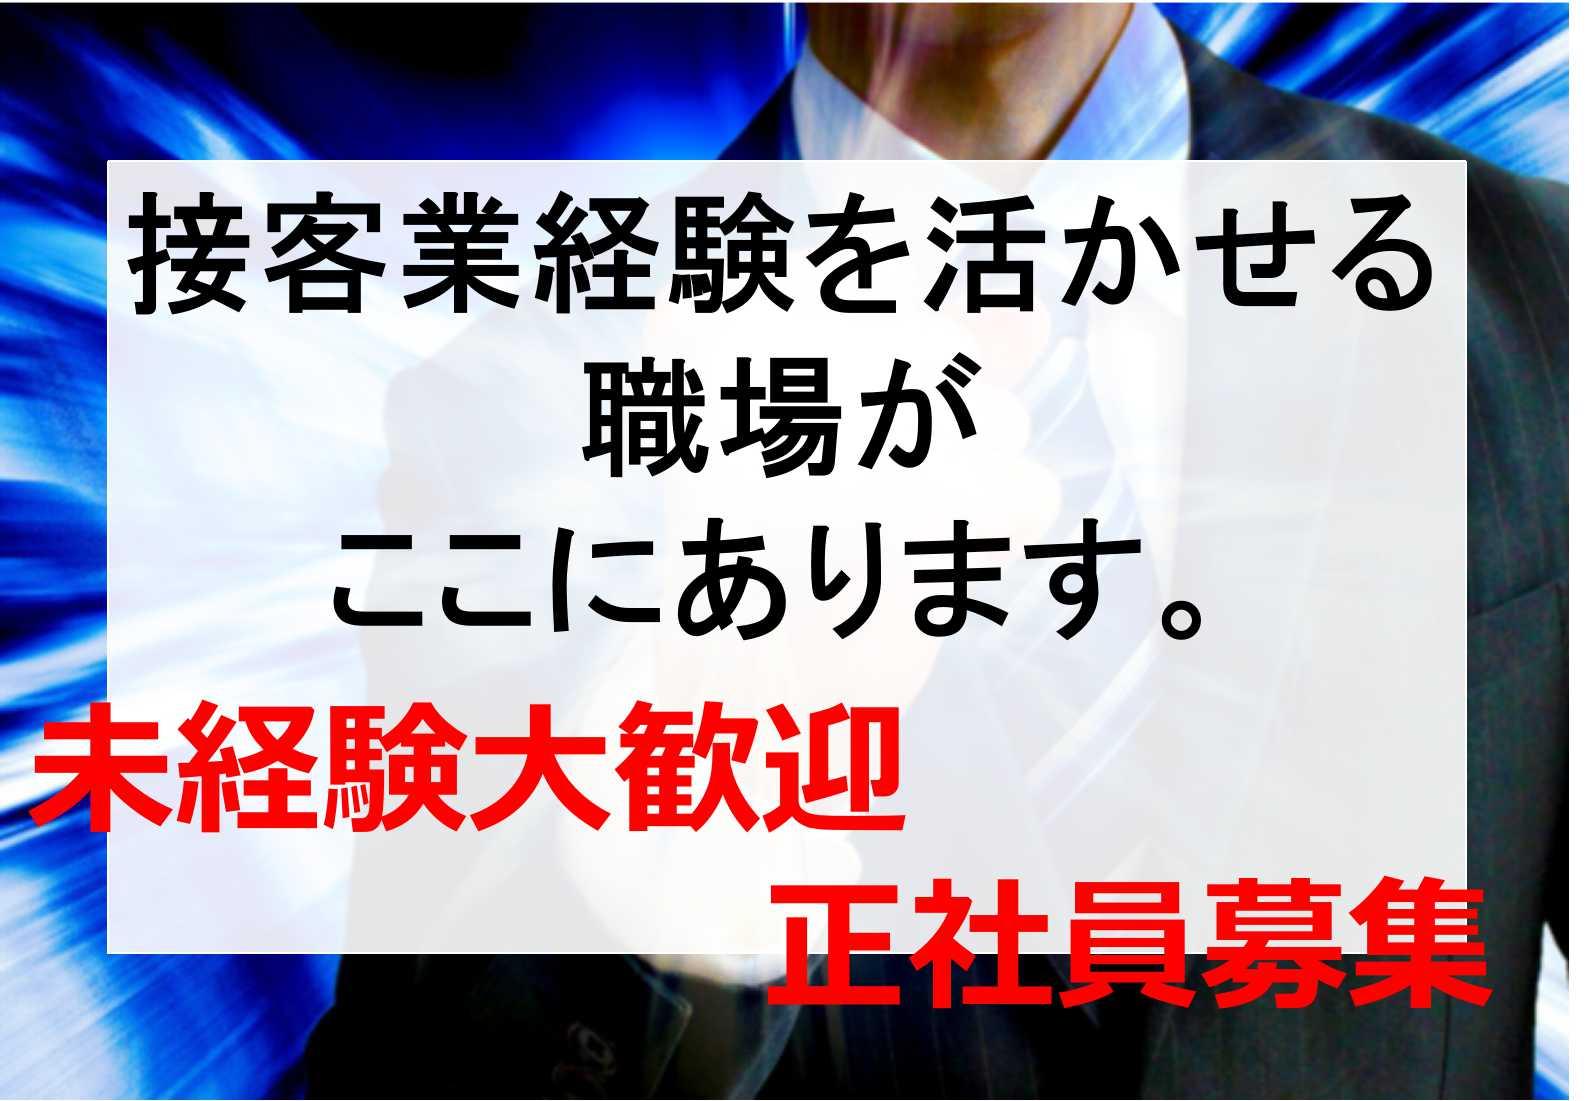 【急募】大手企業で安定収入!未経験歓迎♪店舗運営スタッフ イメージ